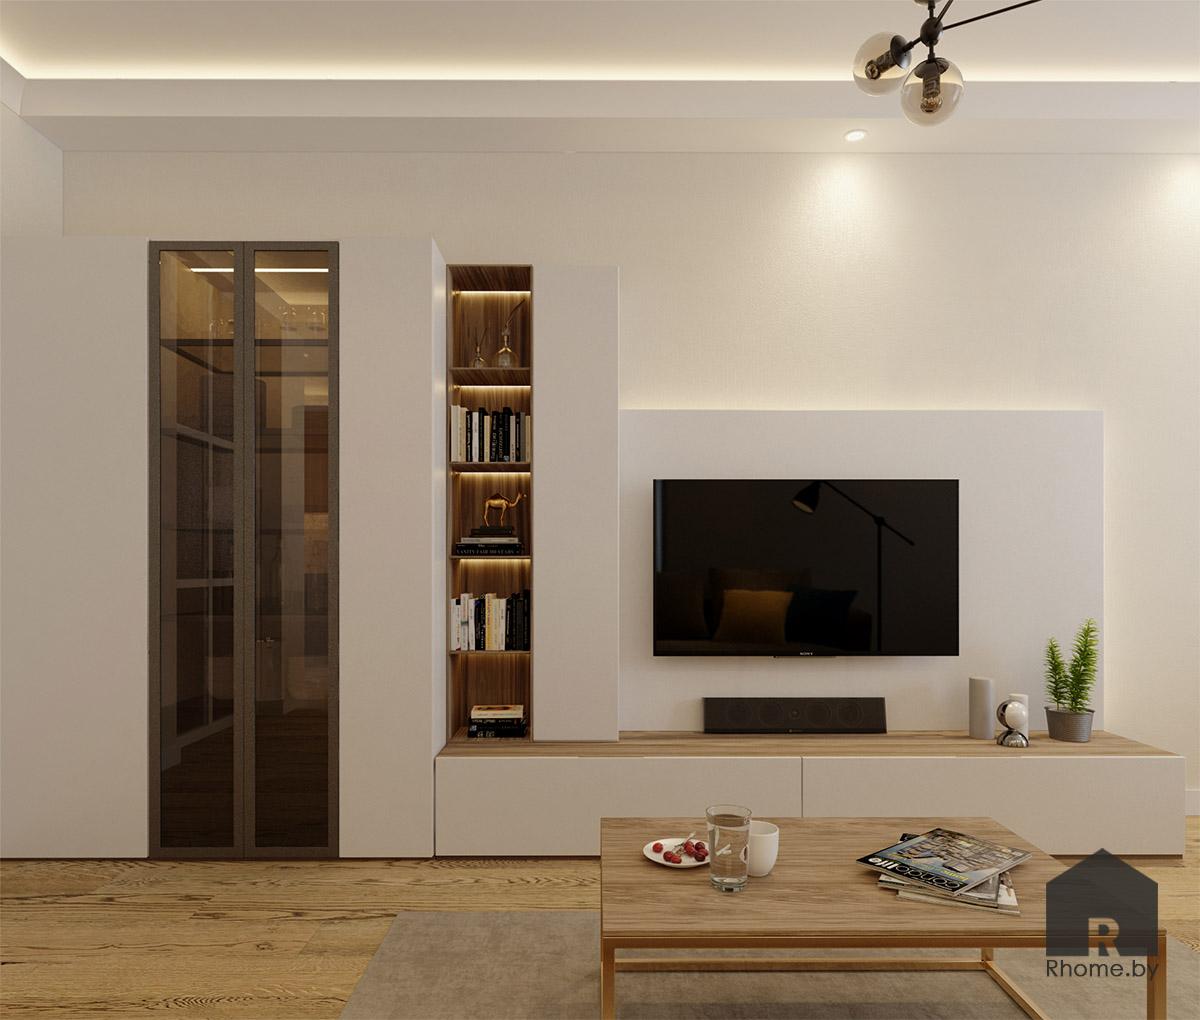 Дизайн гостиной на ул. Беломорская | Дизайн студия – Rhome.by